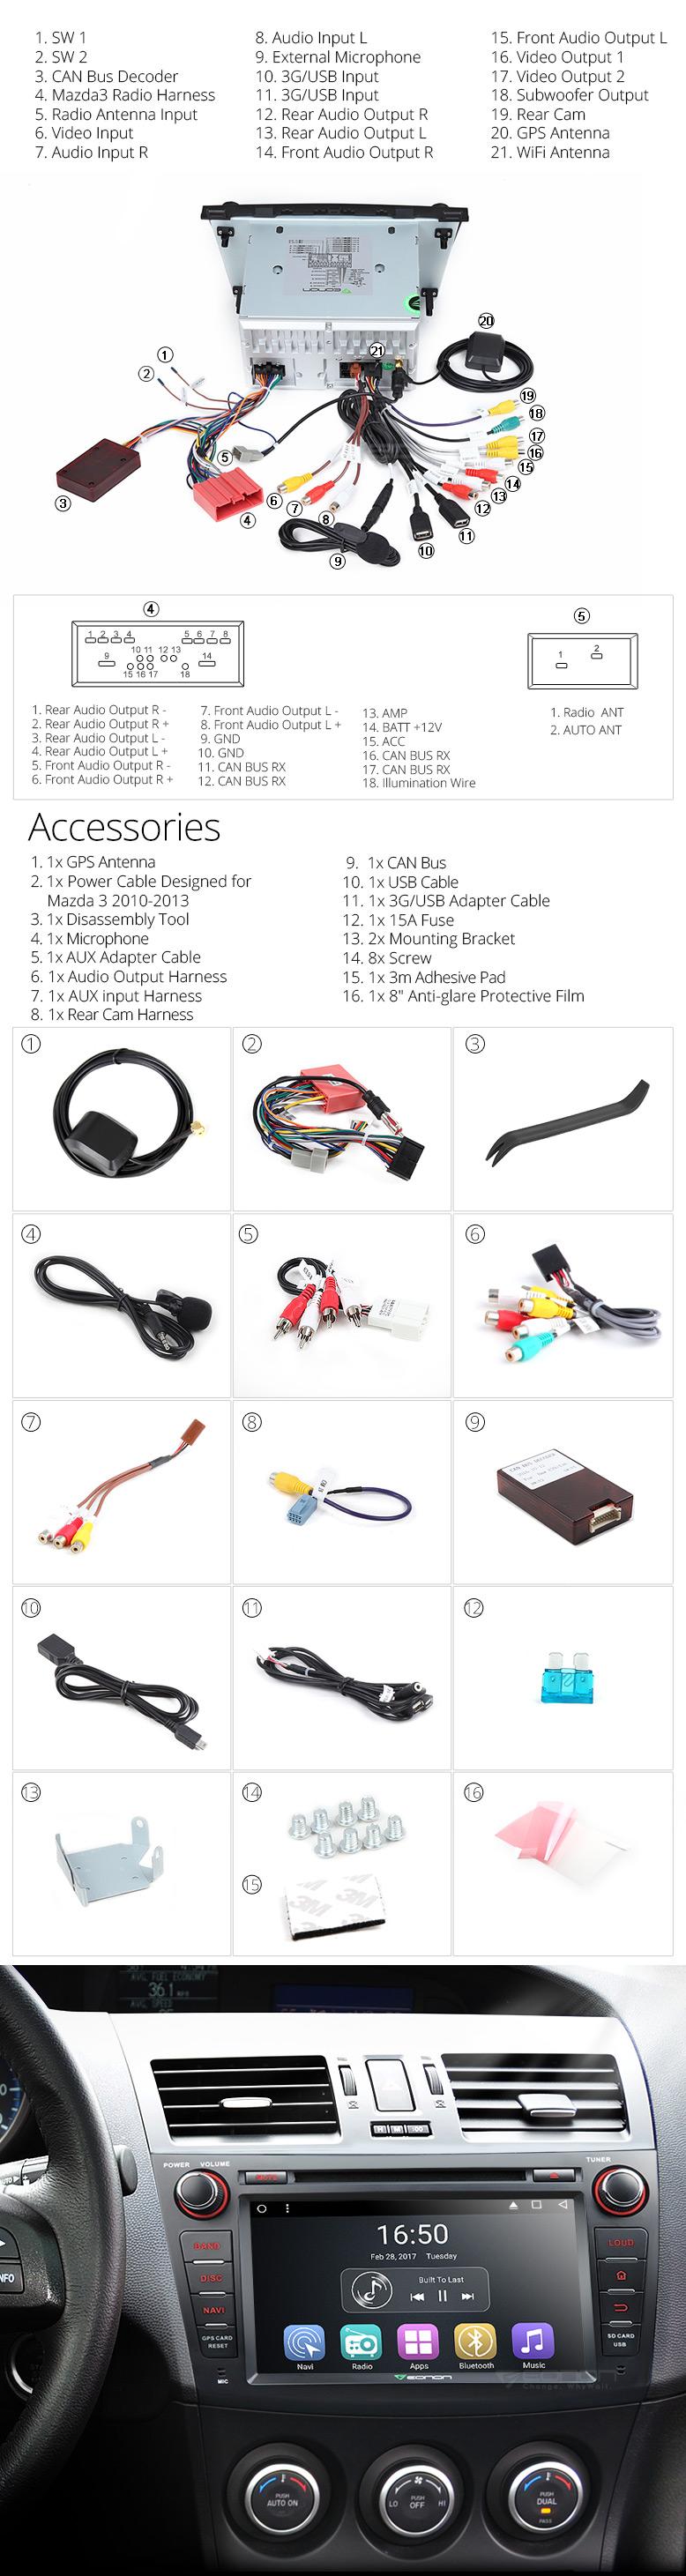 src=http://www.eonon.com/upload/product/Gallery/GA7163/GA7163